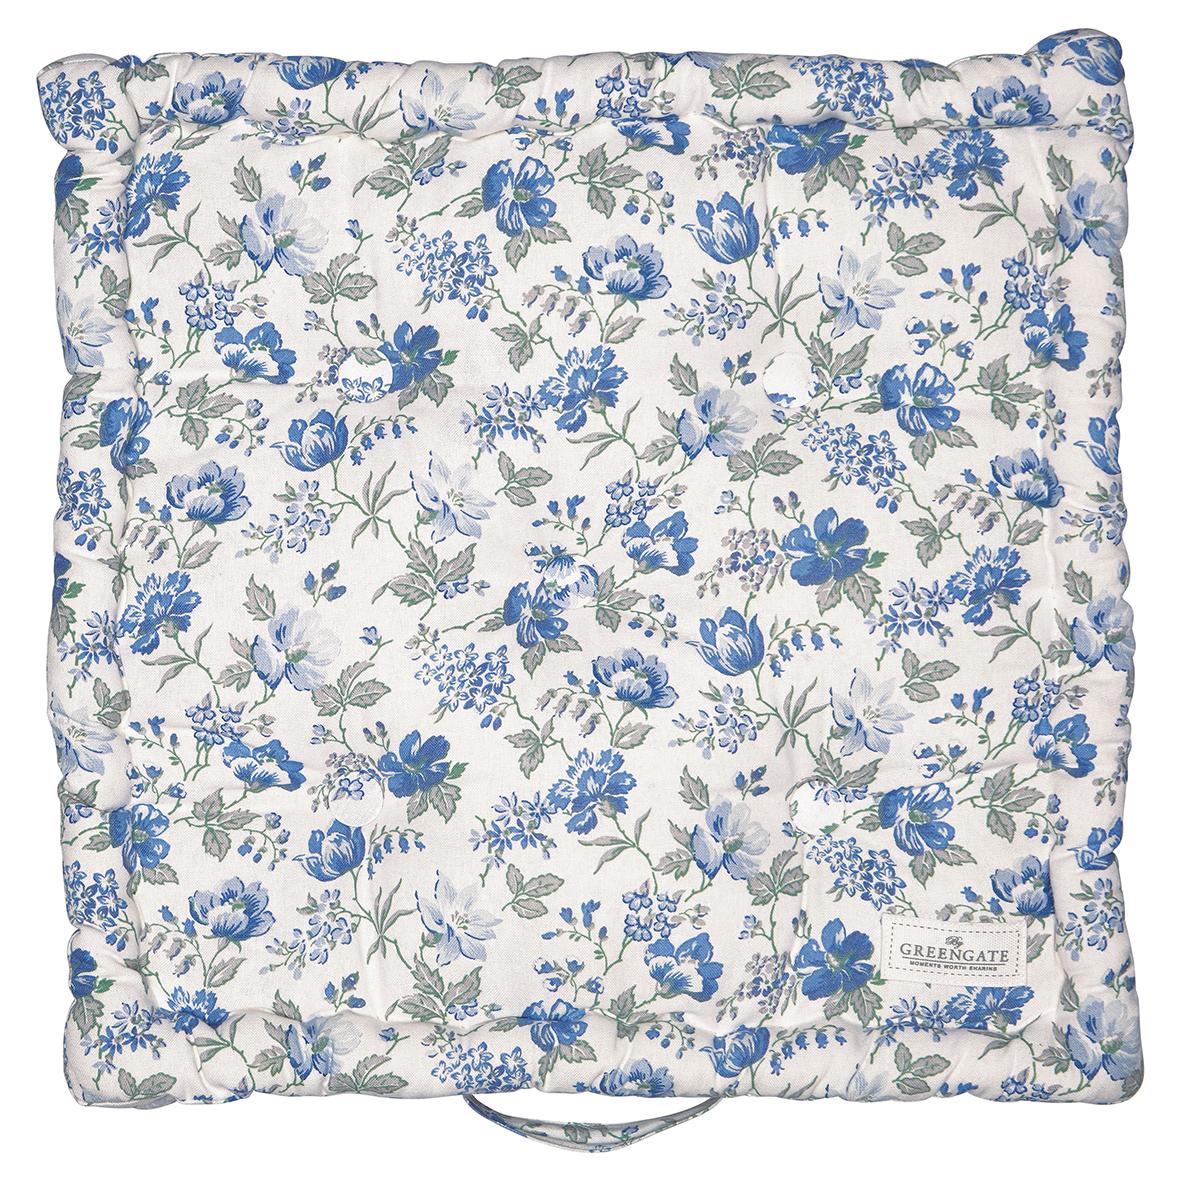 Greengate Sitzkissen Donna blue 50x50 cm (Matratzenkissen)